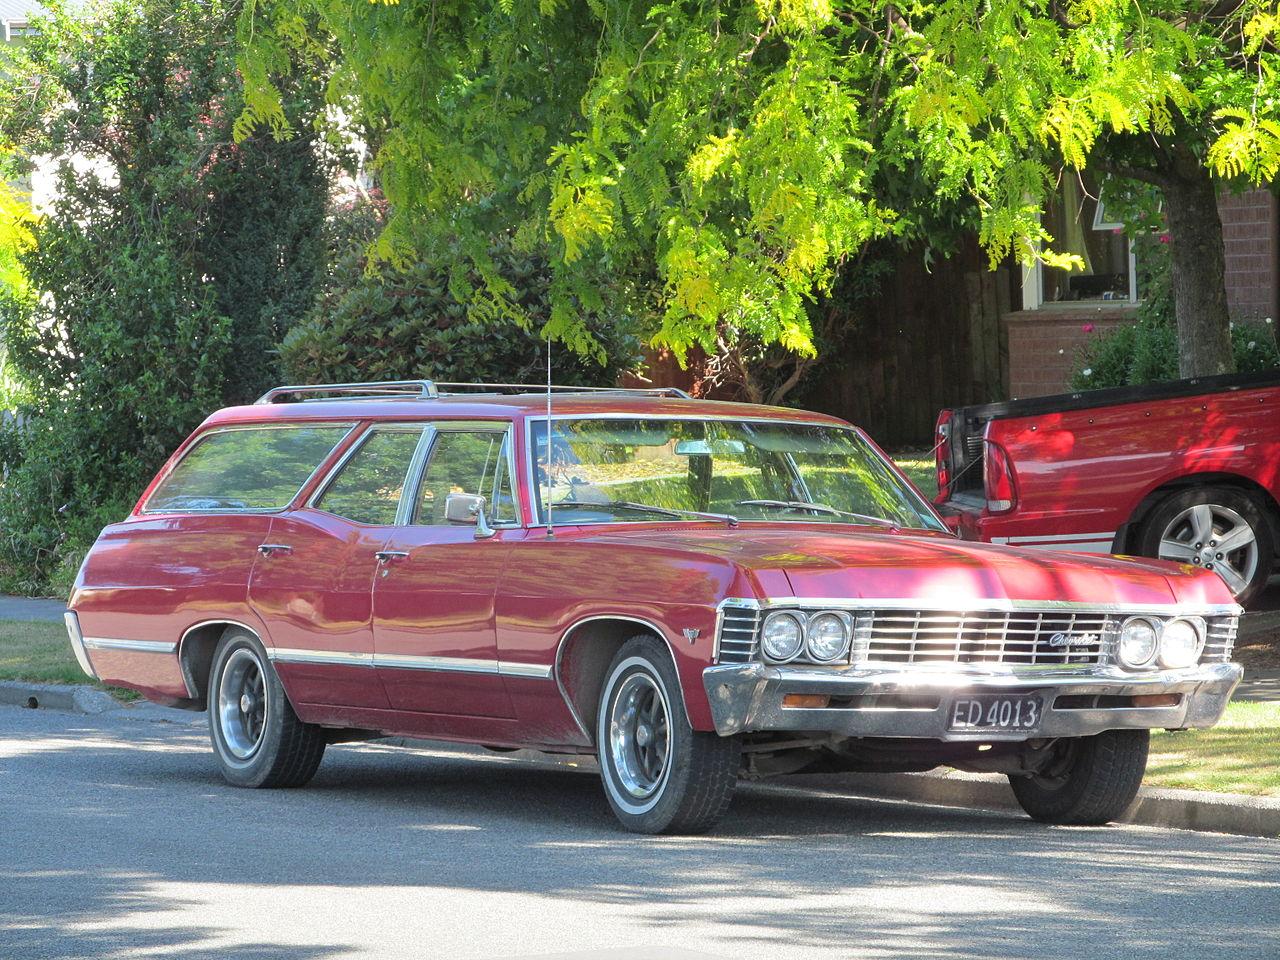 Chevrolet chevrolet station wagon : File:1967 Chevrolet Impala Station Wagon (11398784395).jpg ...